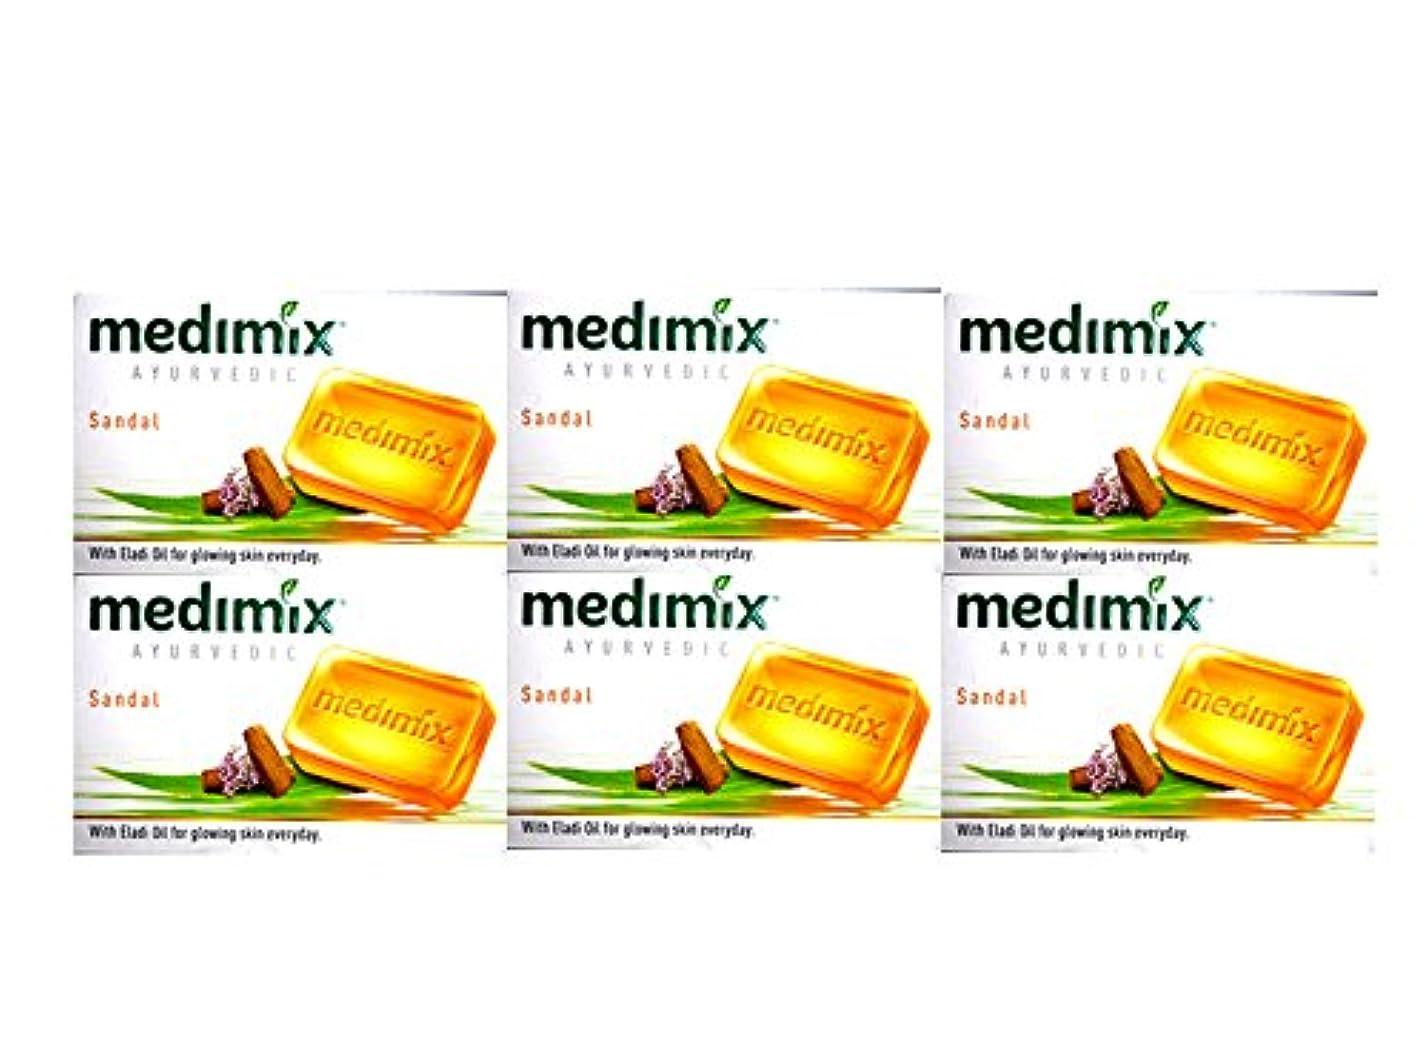 宿泊かる万歳MEDIMIX メディミックス アーユルヴェディックサンダル 6個セット(medimix AYURVEDEC sandal Soap) 125g